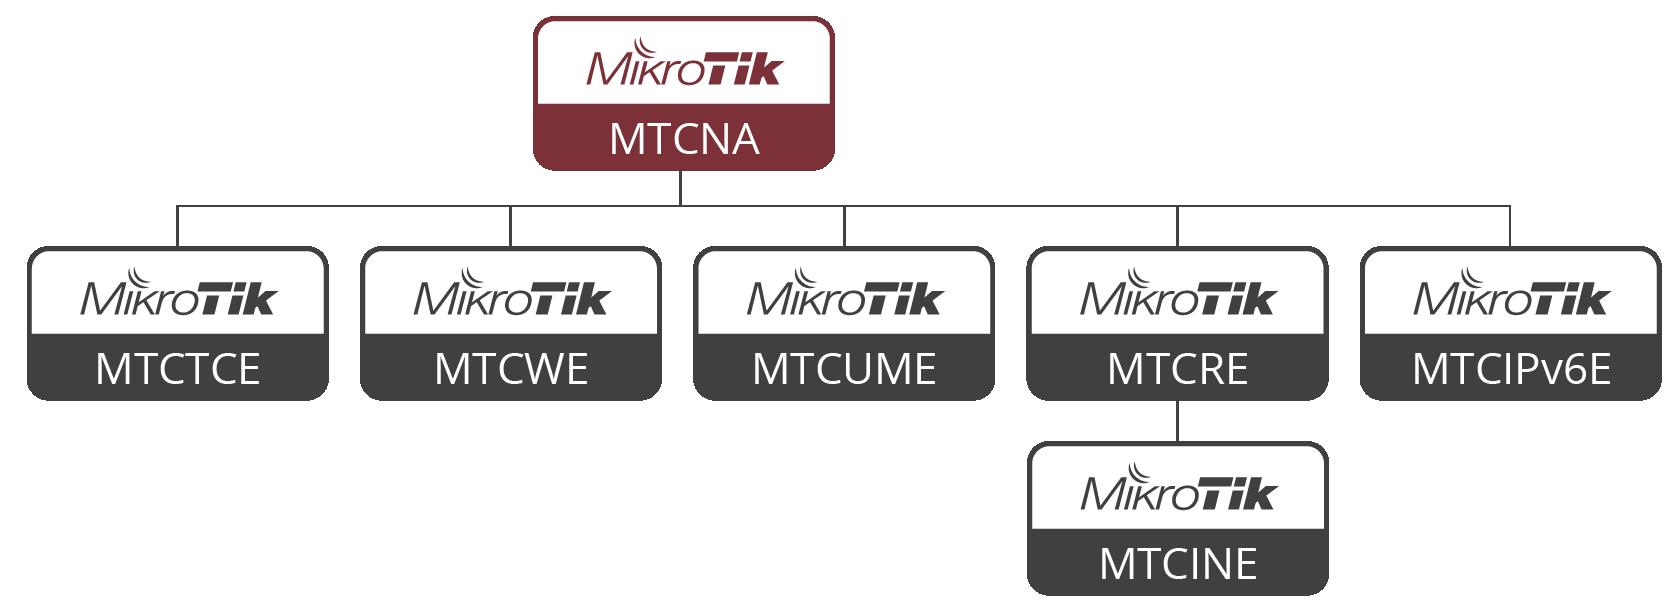 EGITIM-MTCNA MTCNA Mikrotik Başlangıç / Giriş Eğitimi